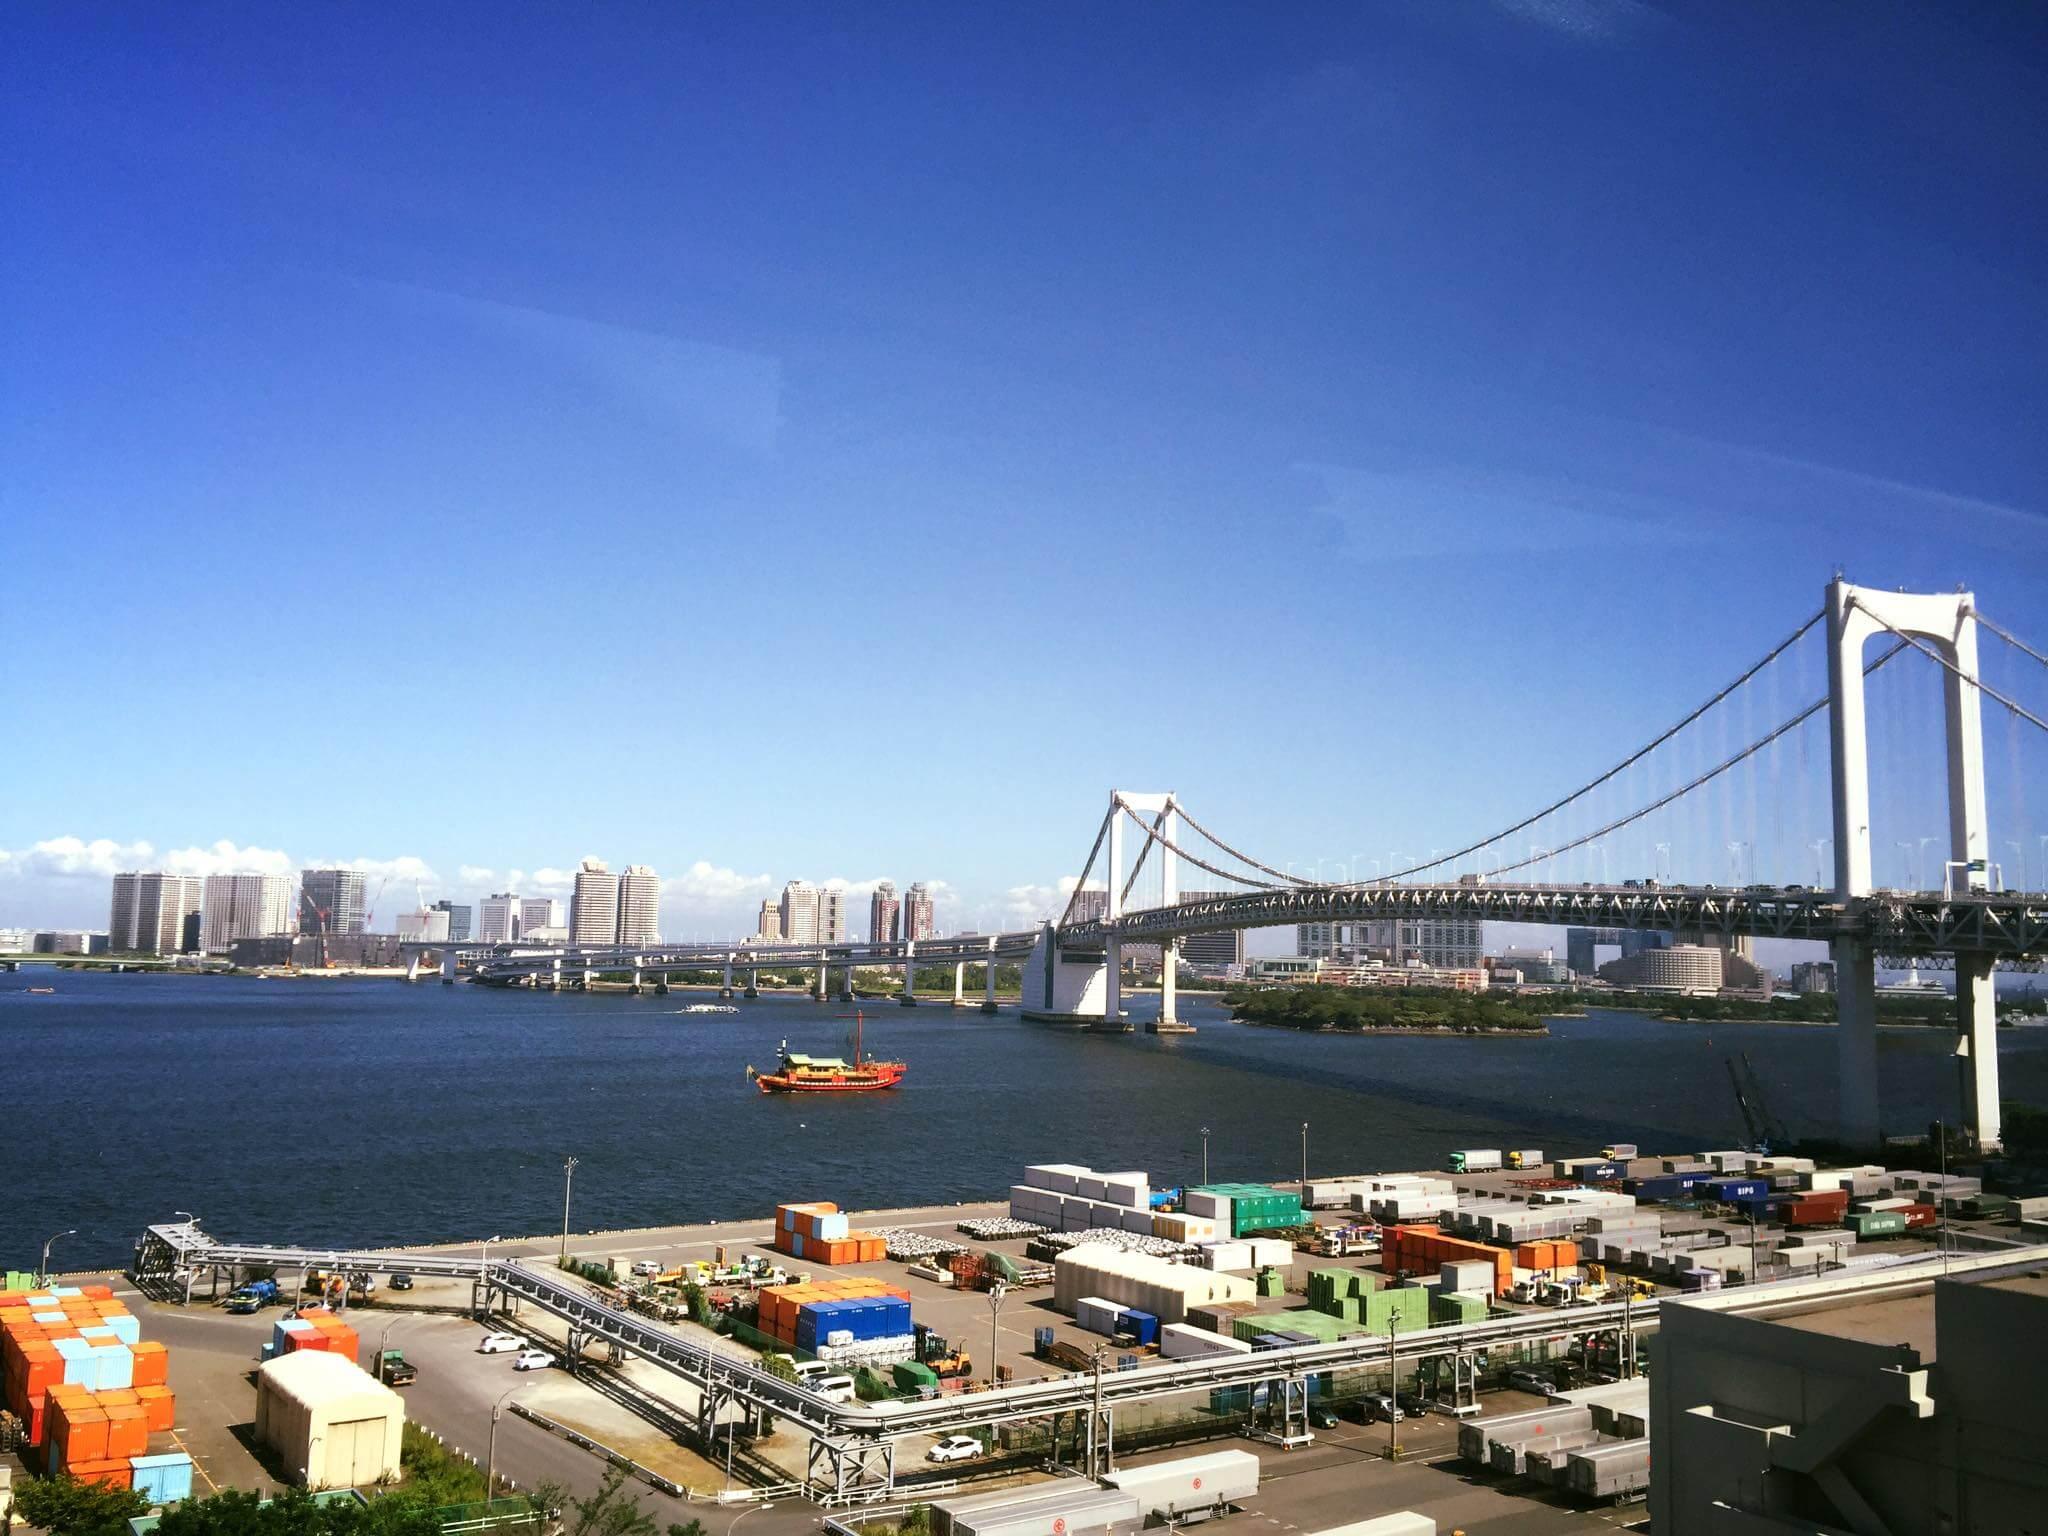 【東京拍婚紗】景點 – 台場彩虹大橋